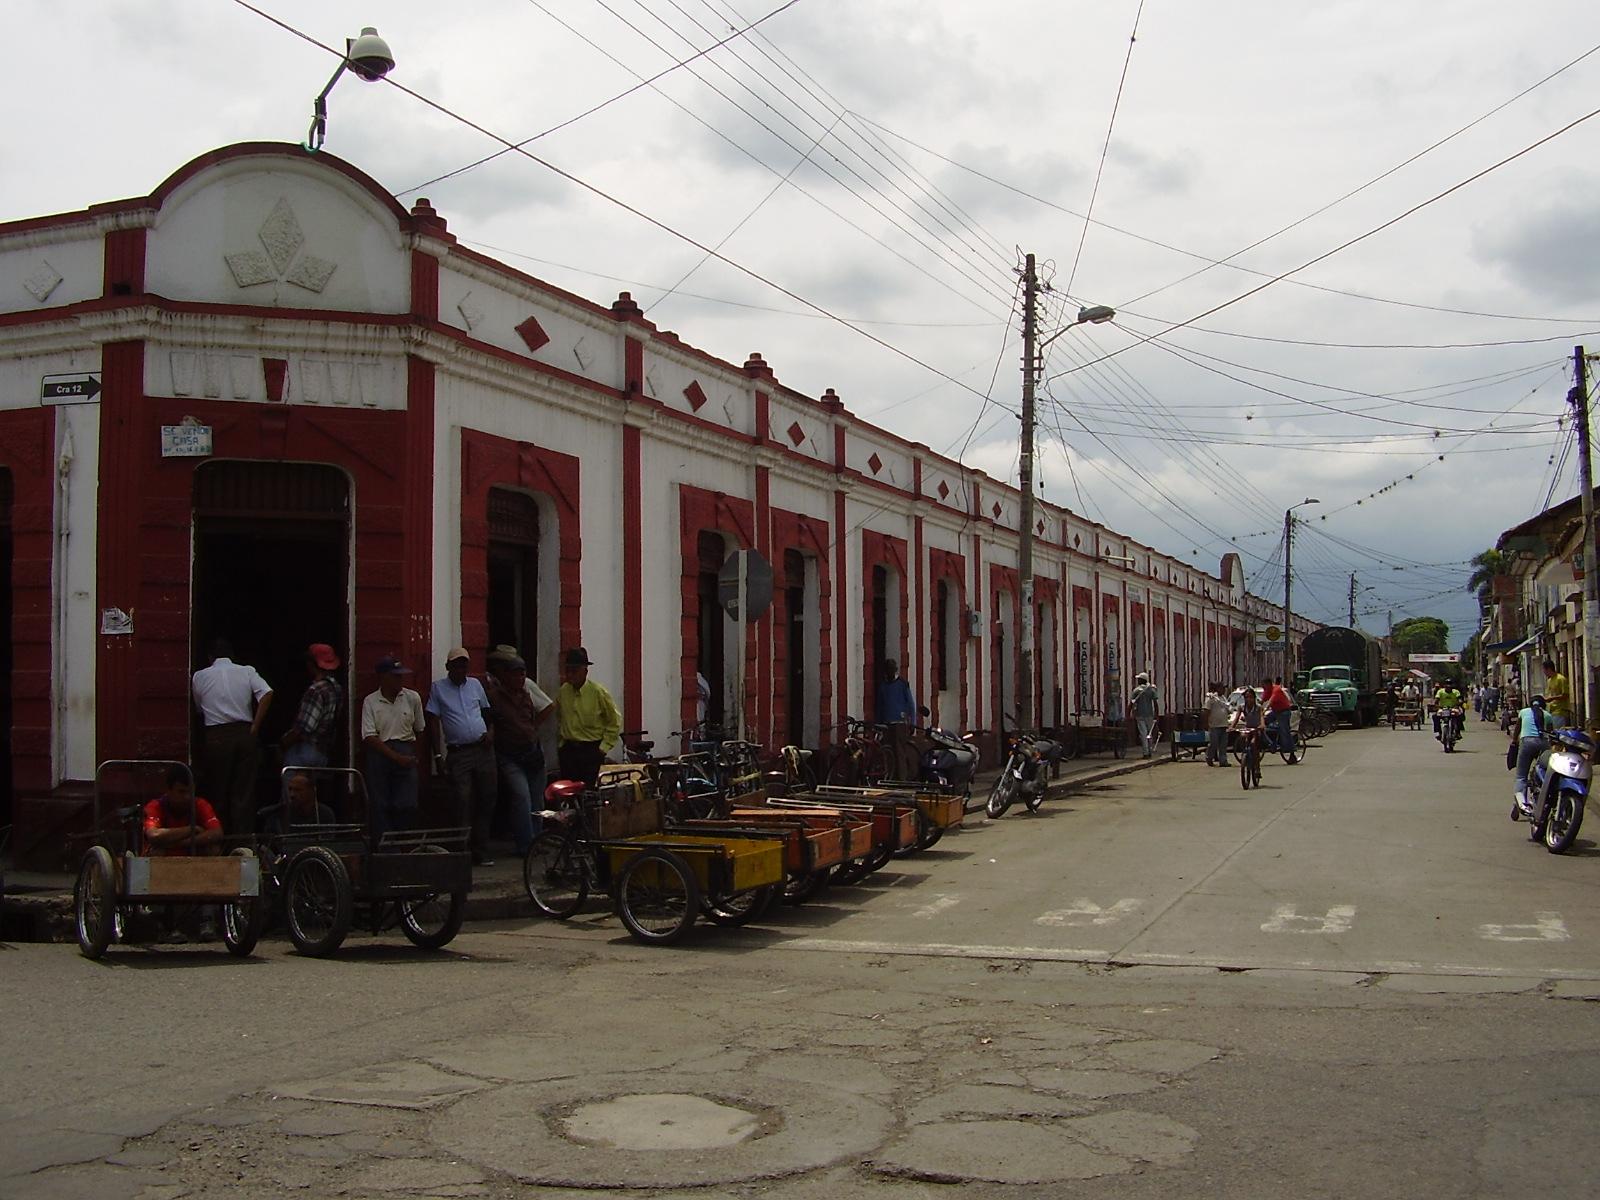 File:Galería, El Cerrito, Valle, Colombia 04.jpg